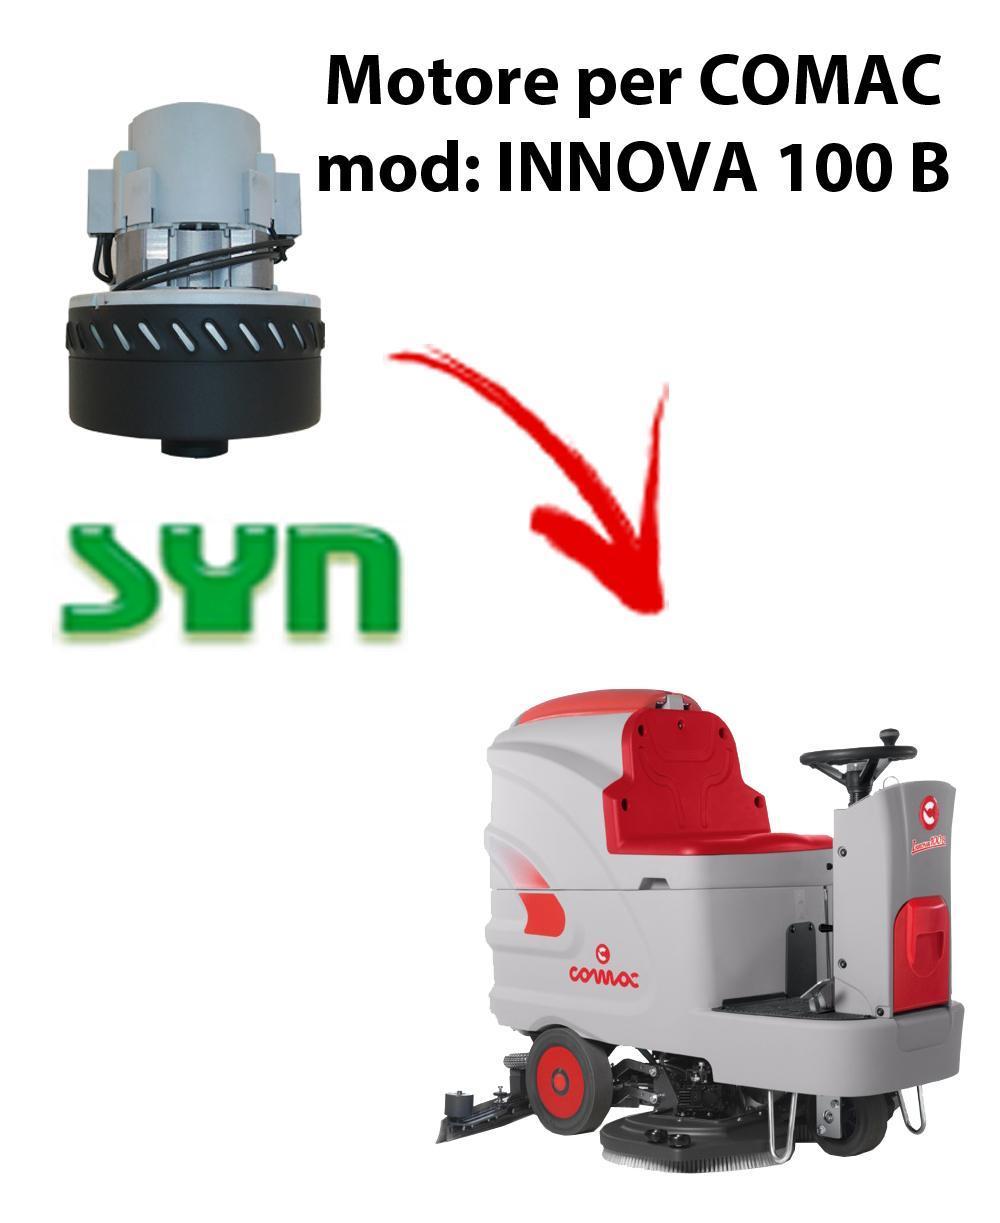 INNOVA 100 B MOTEUR ASPIRATION SYN pour autolaveuses Comac